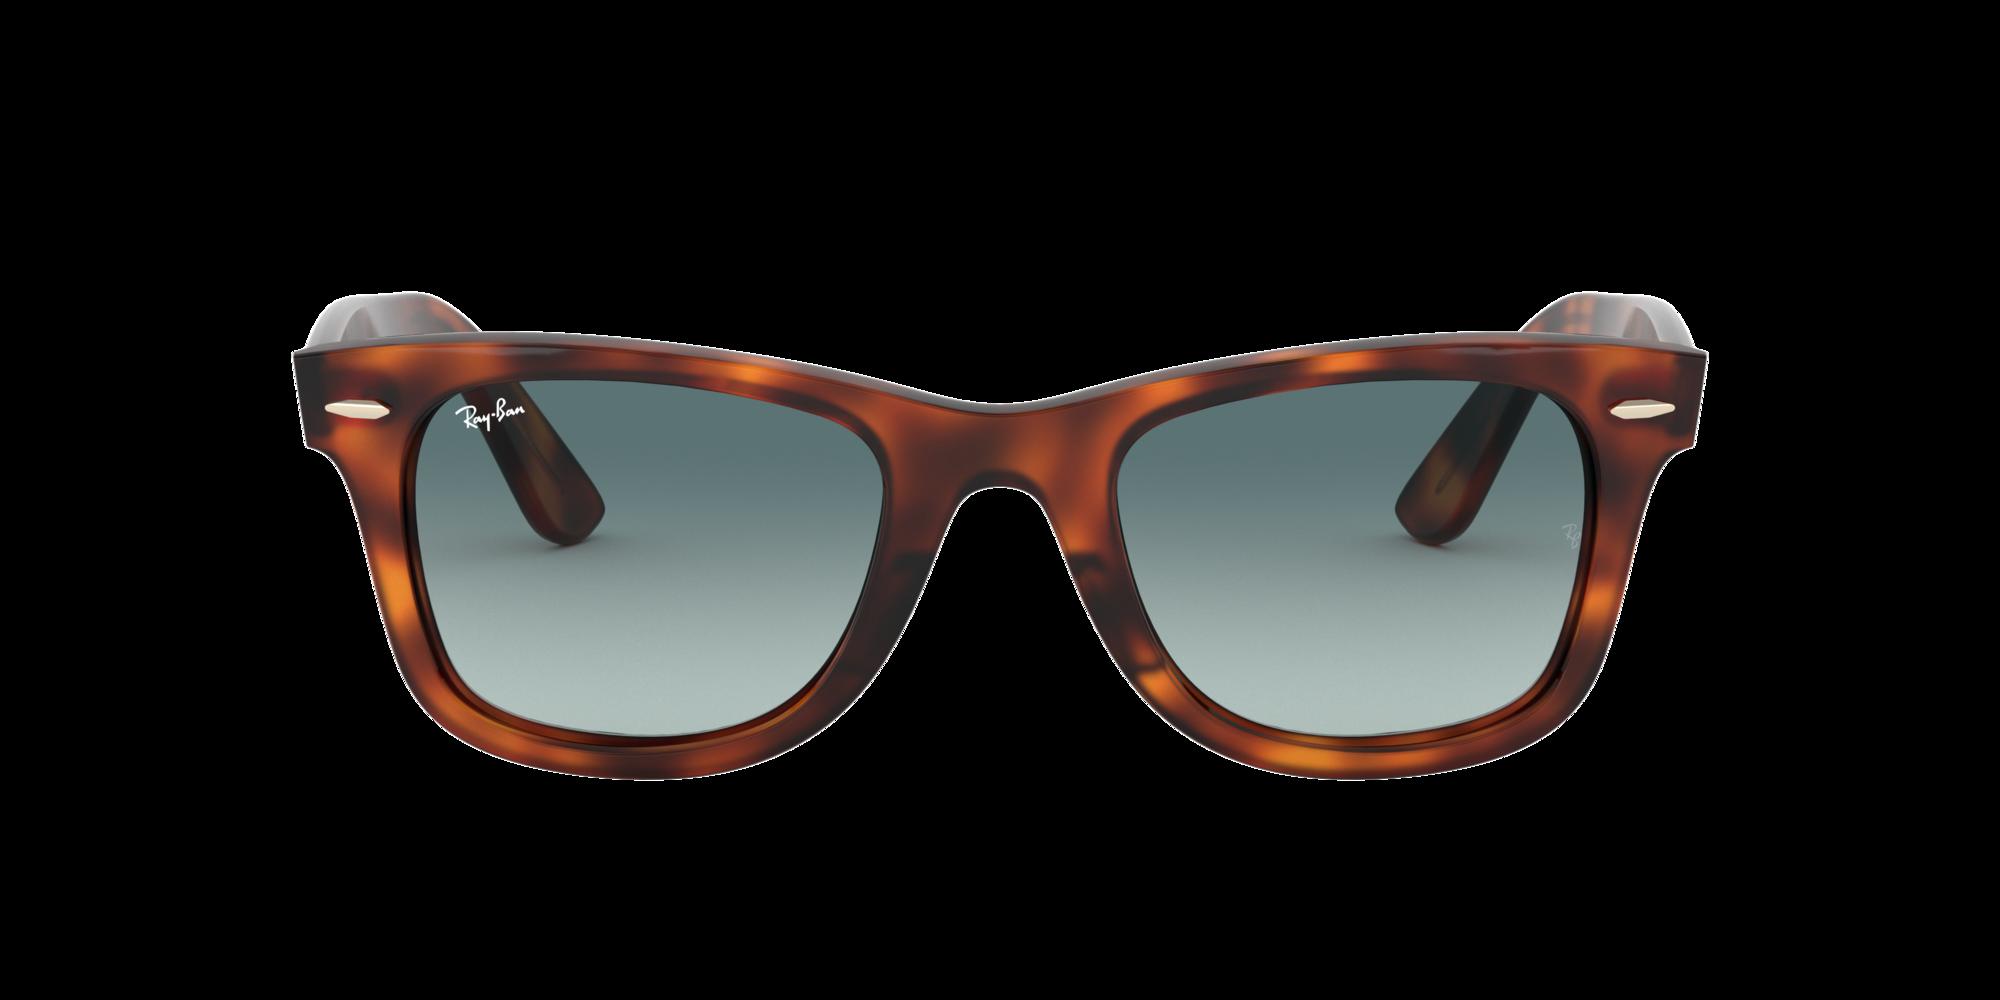 Image for RB4340 50 WAYFARER EASE from LensCrafters | Glasses, Prescription Glasses Online, Eyewear